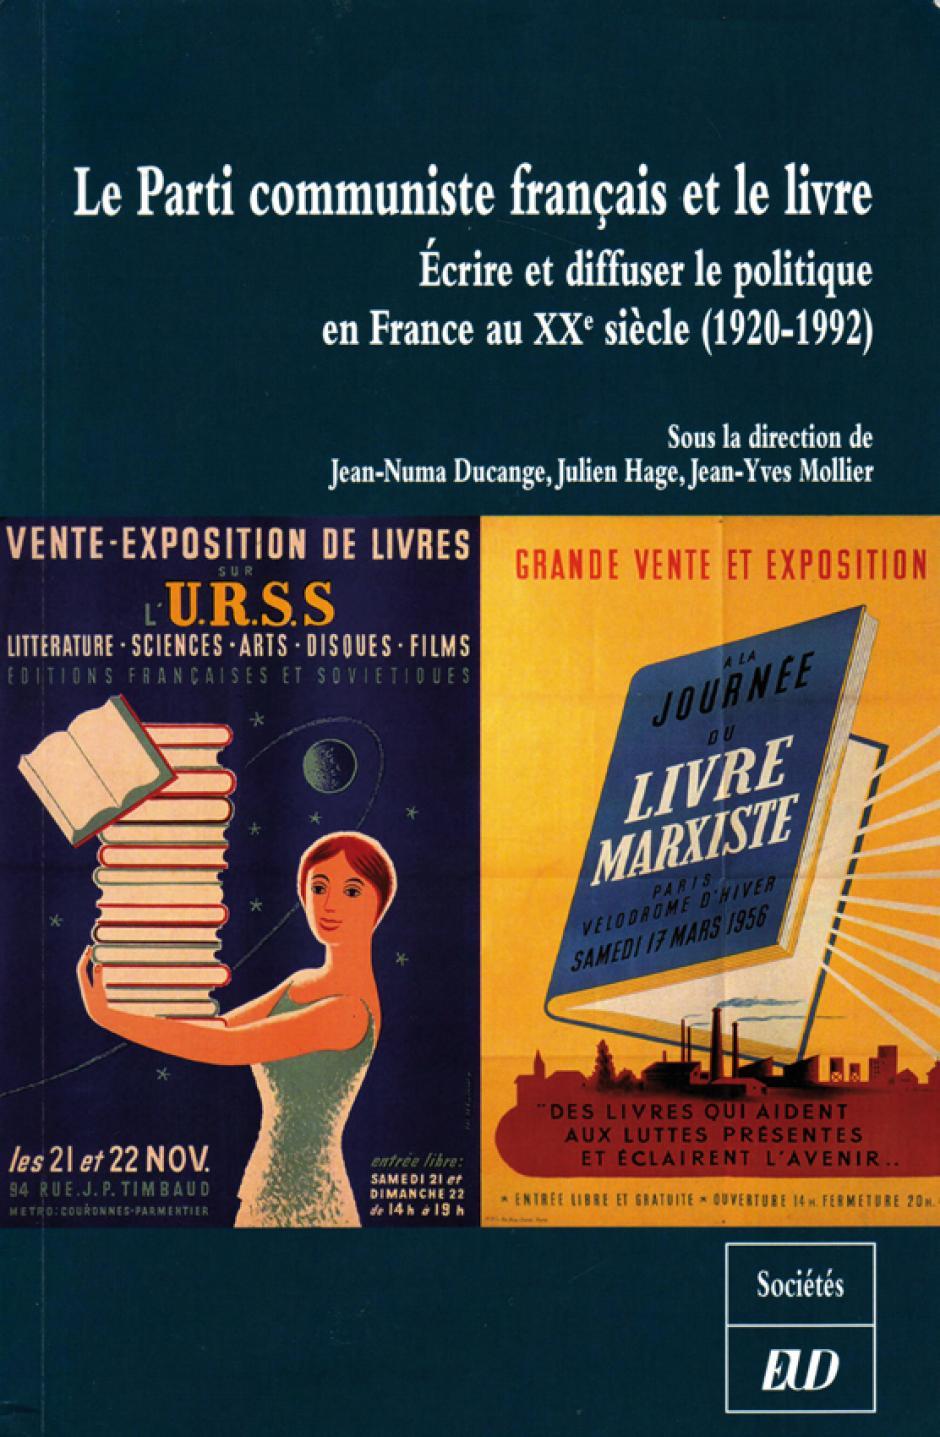 Le Parti communiste français et le livre, Jean-Numa Ducange, Julien Hage, Jean-Yves Mollier (dir.)